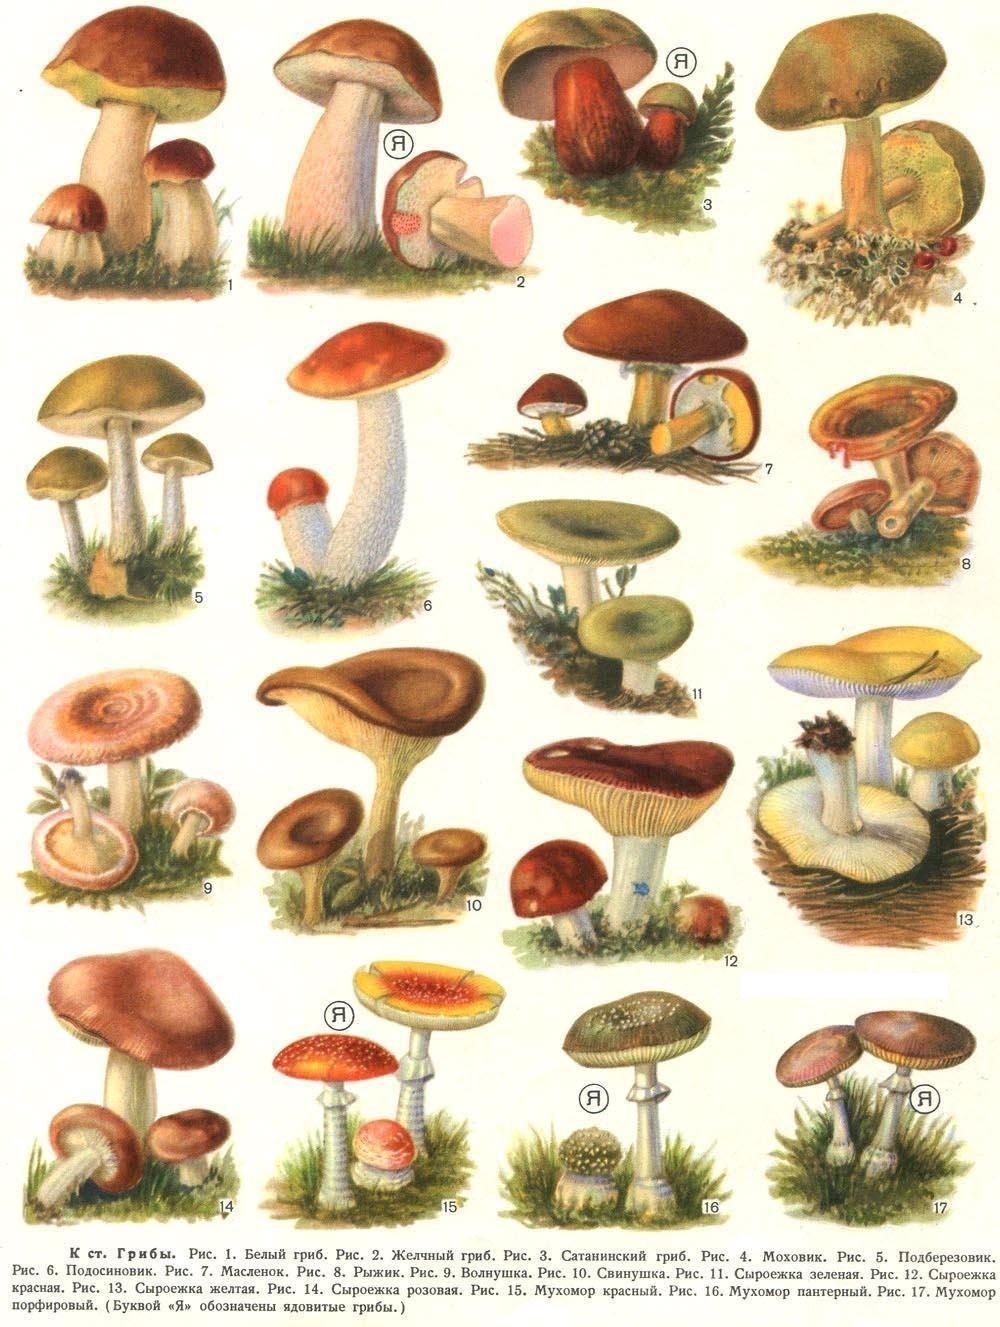 красные грибы фото с названиями